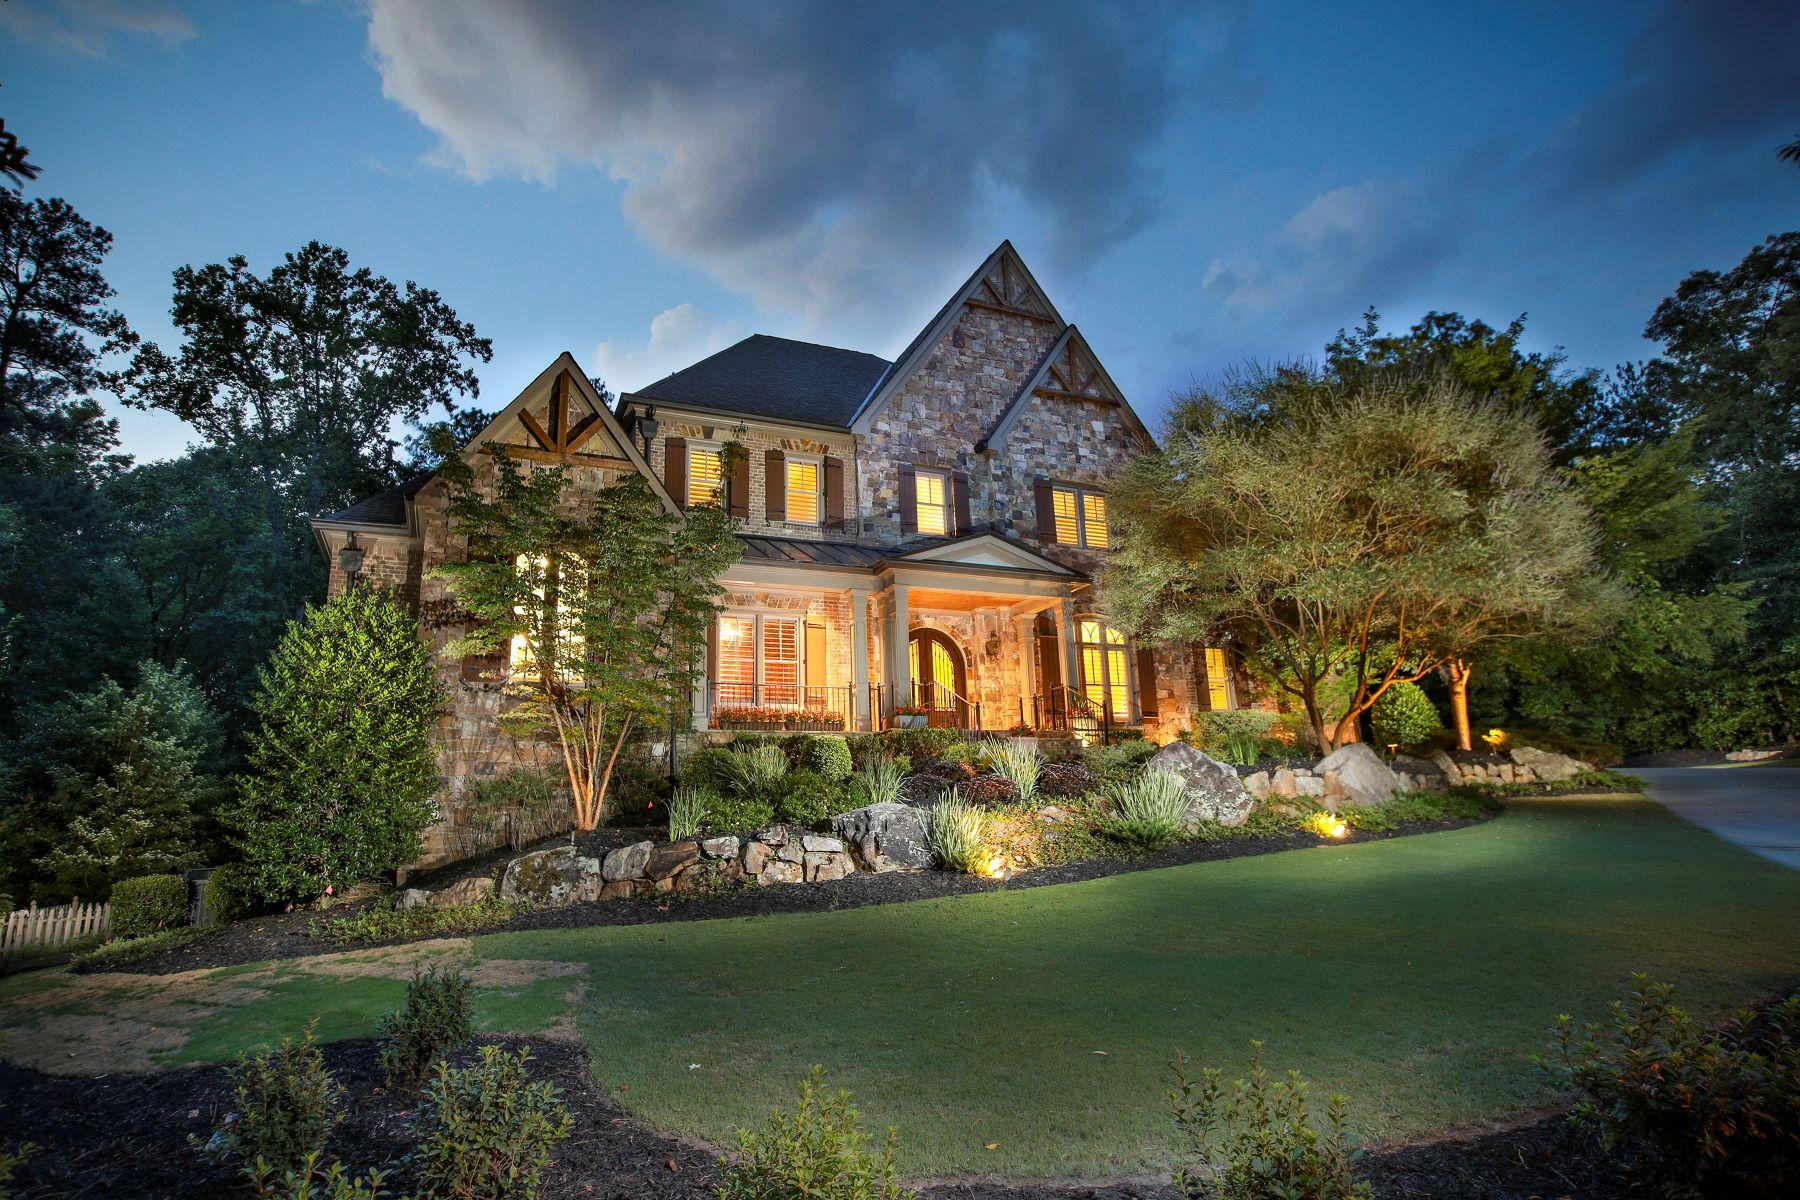 Частный односемейный дом для того Продажа на Private Elegance in Cameron Crest Farms 10550 Belladrum Johns Creek, Джорджия, 30022 Соединенные Штаты